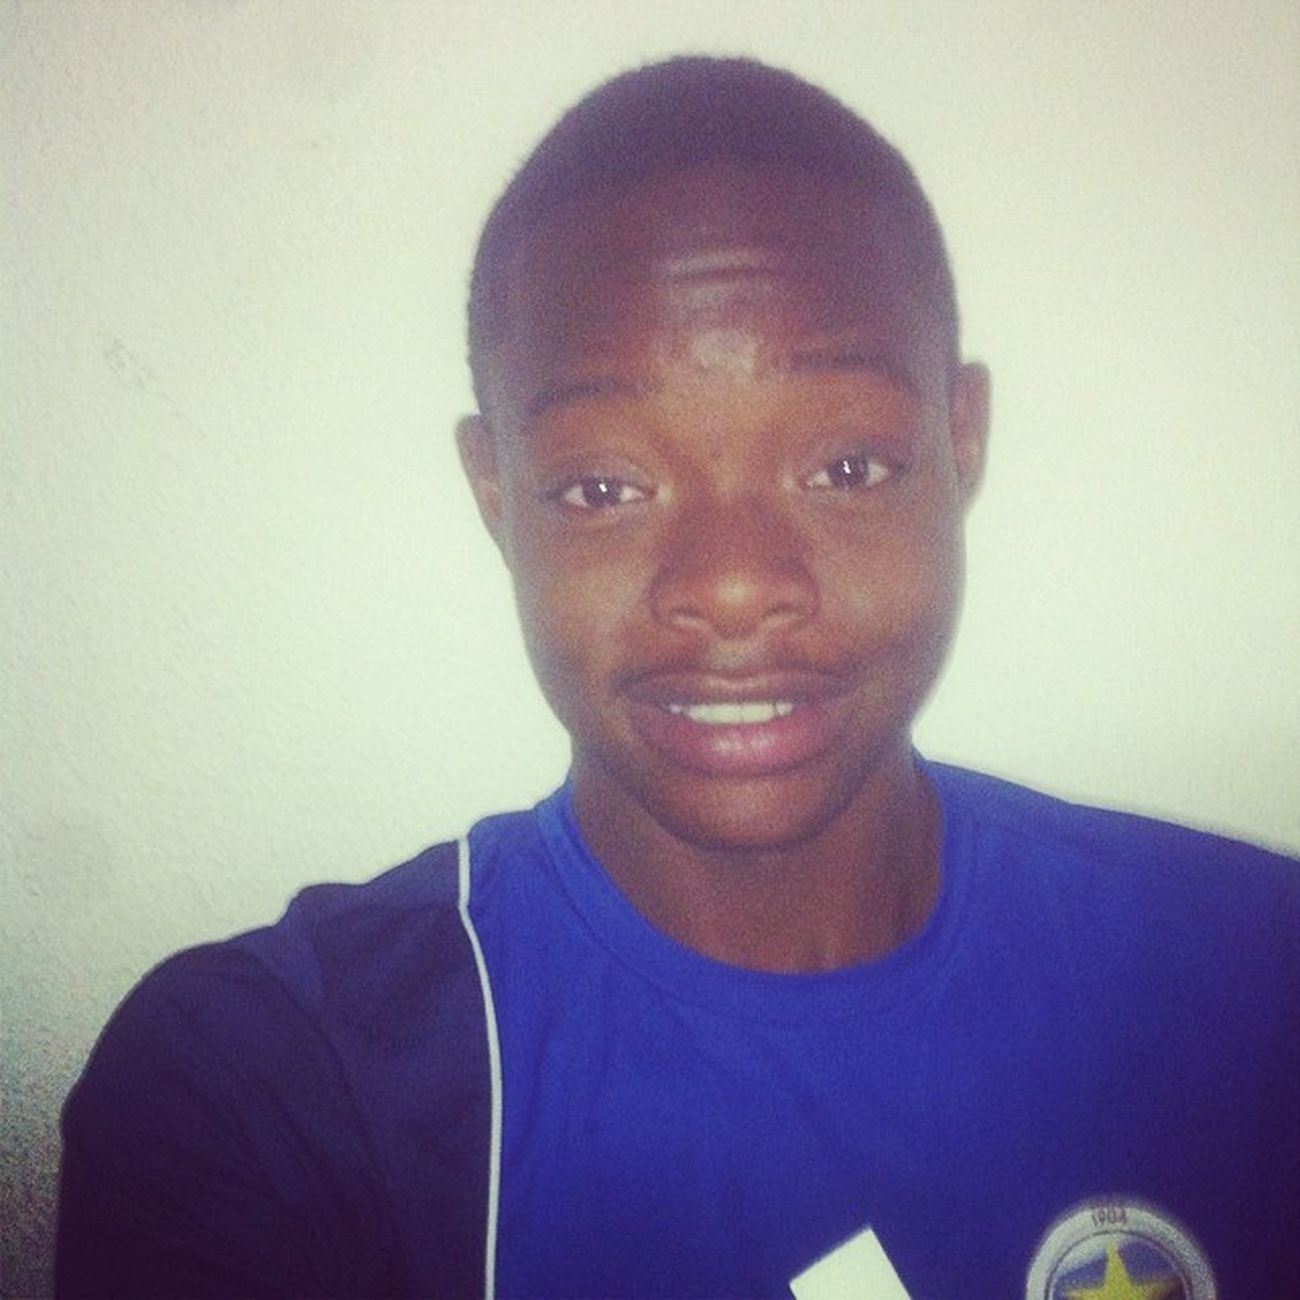 jour de match Soccer Football ECFC EtoileCarouge